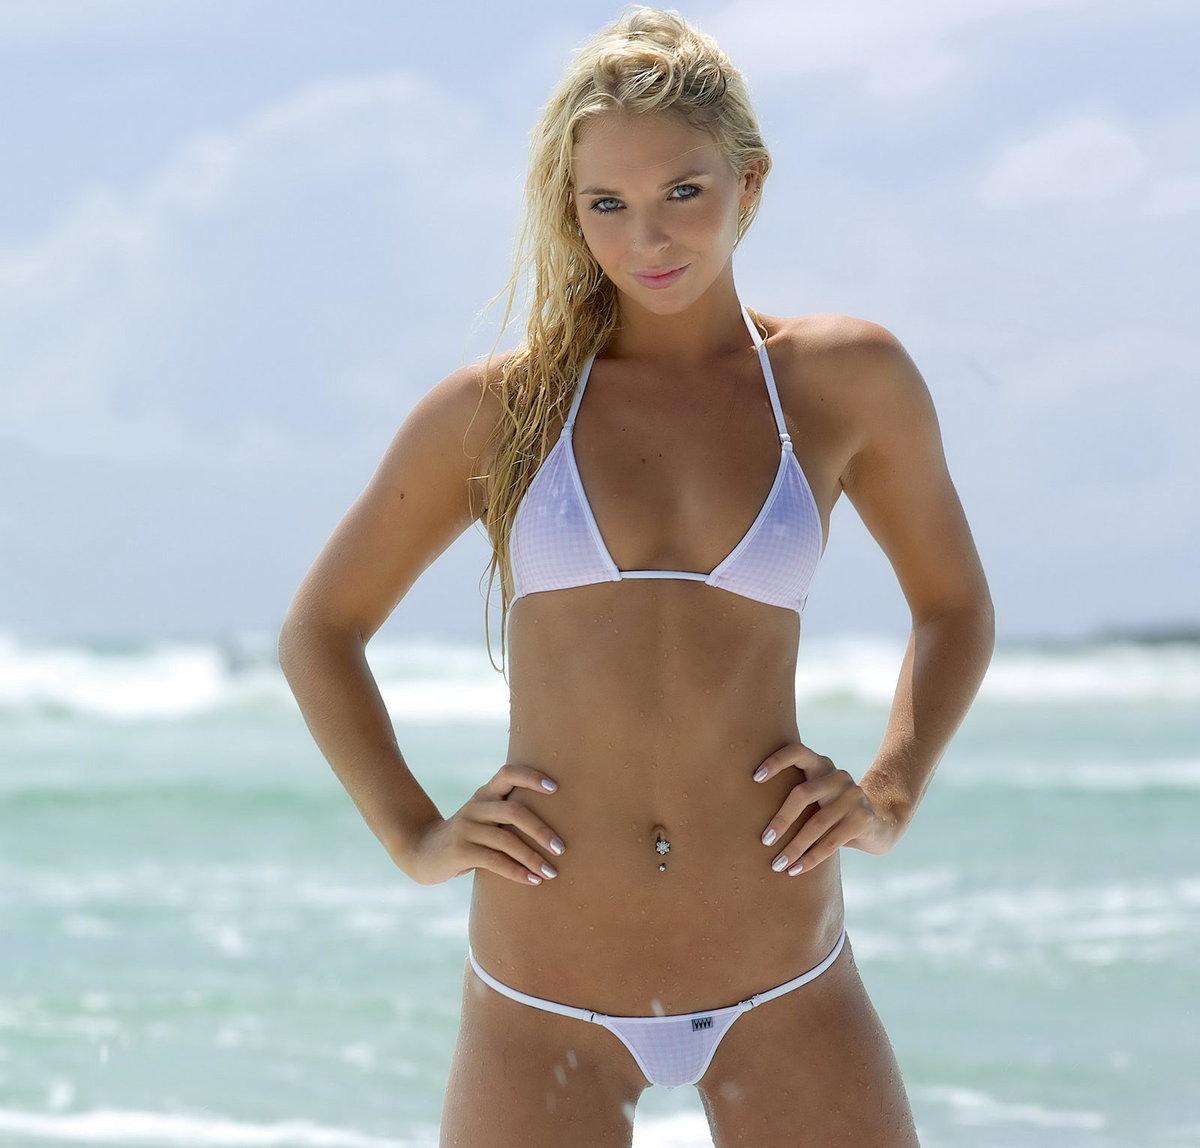 прозрачный экстремальный бикини на пляже фото - 3